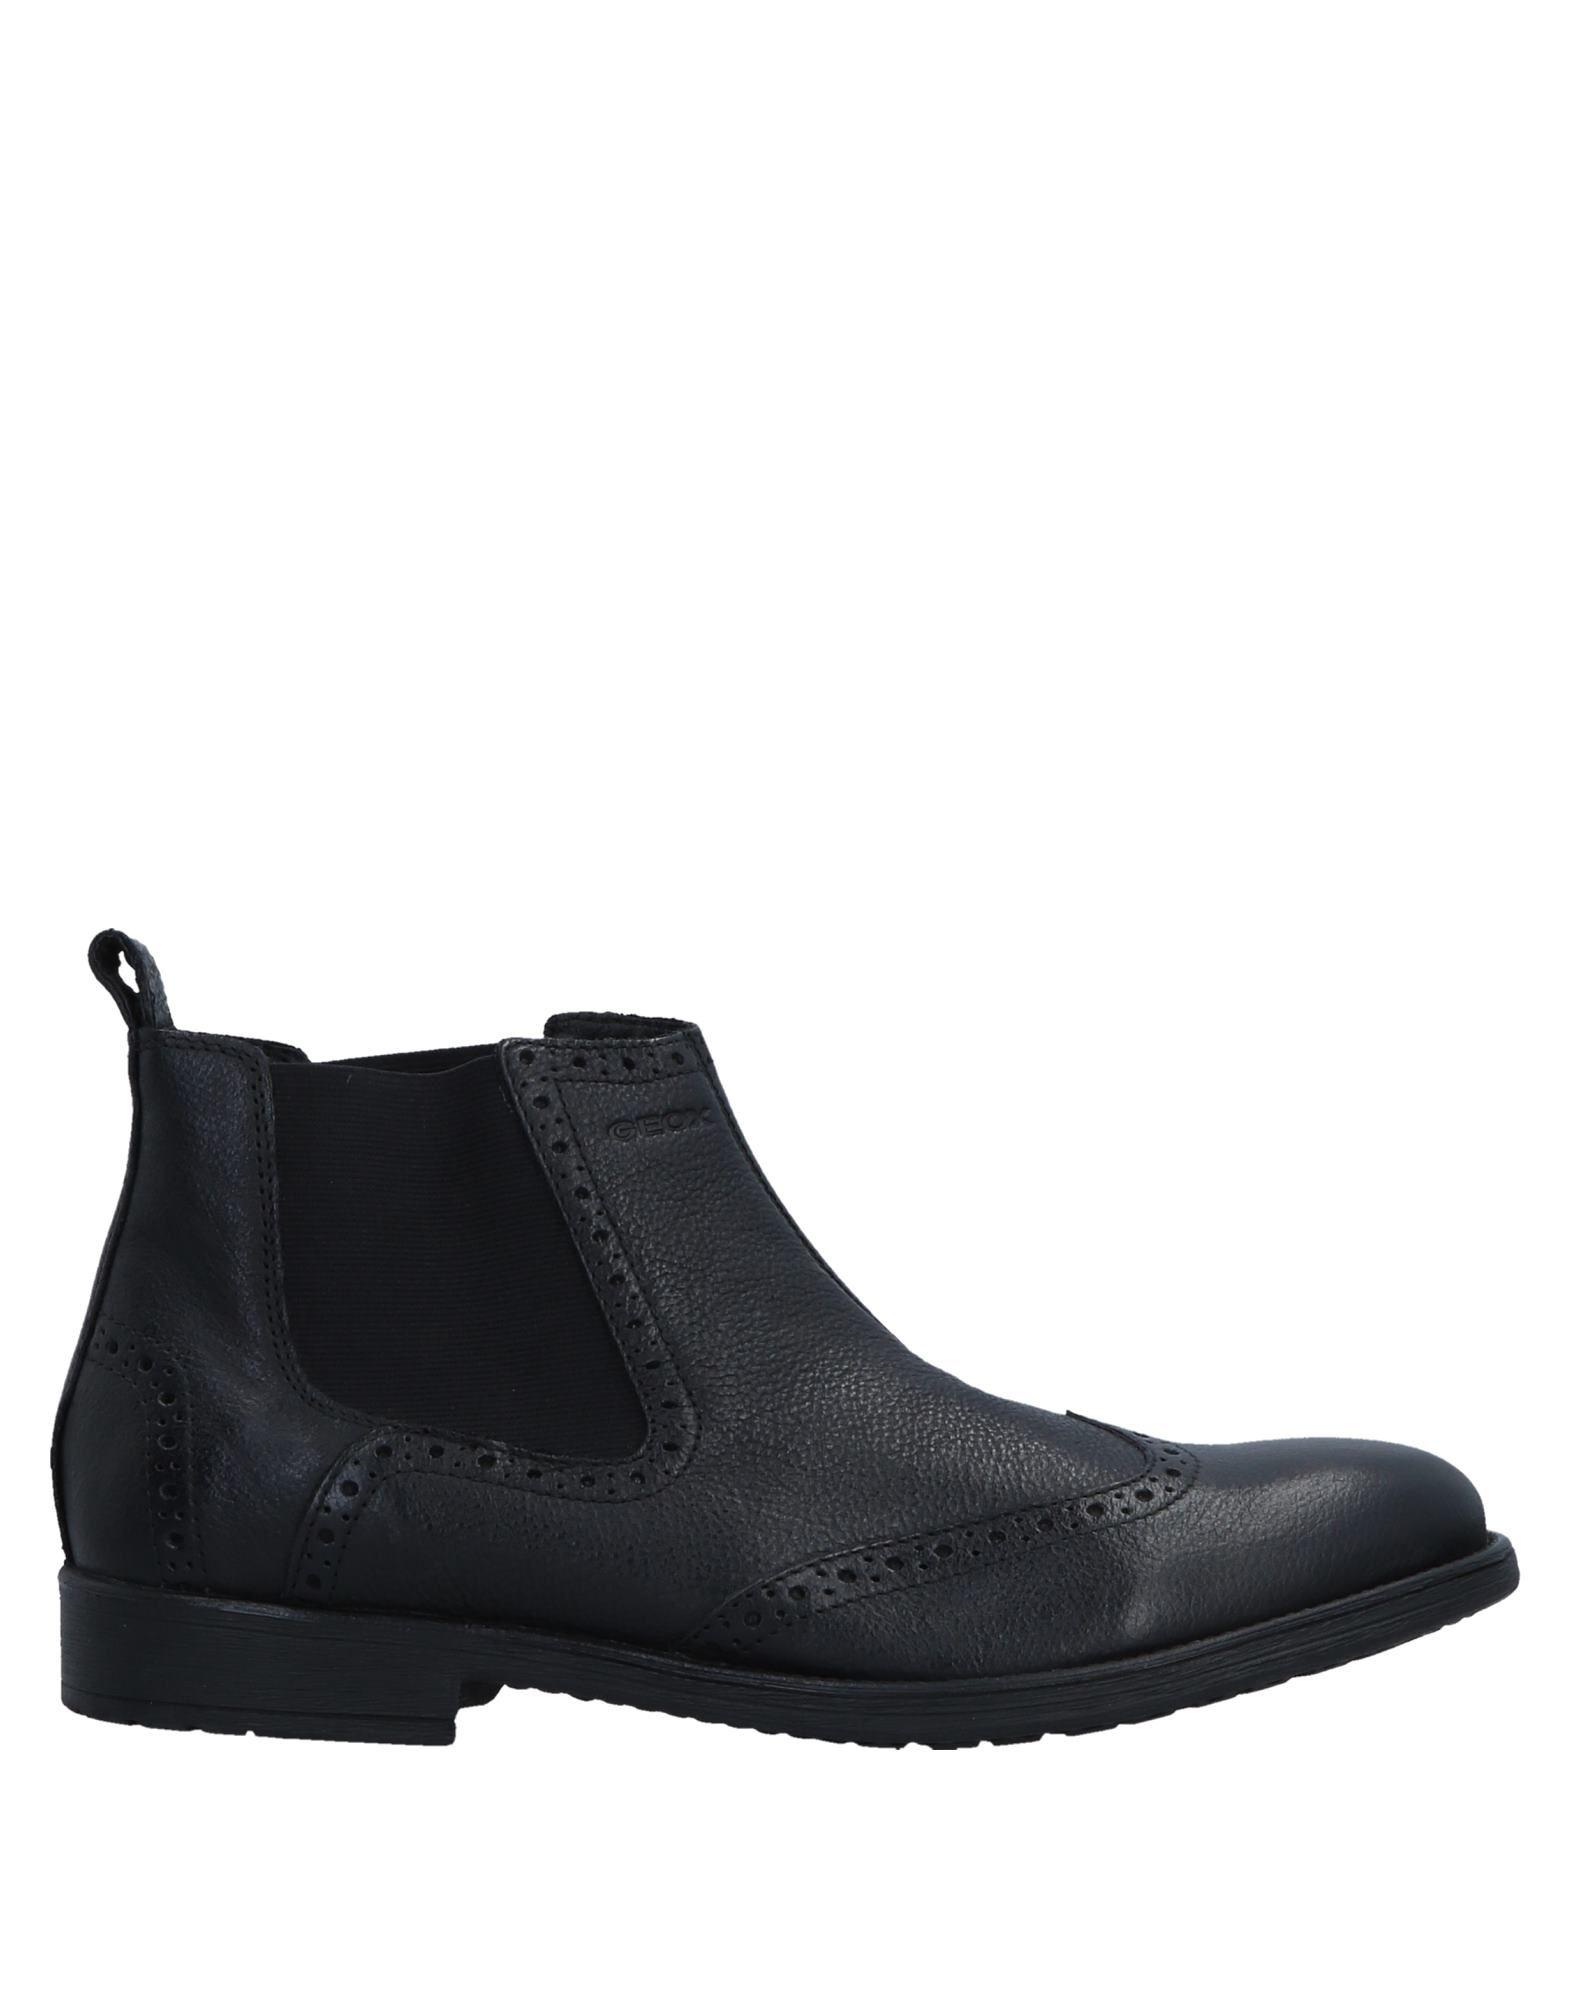 《送料無料》GEOX メンズ ショートブーツ ブラック 45 革 / 伸縮繊維